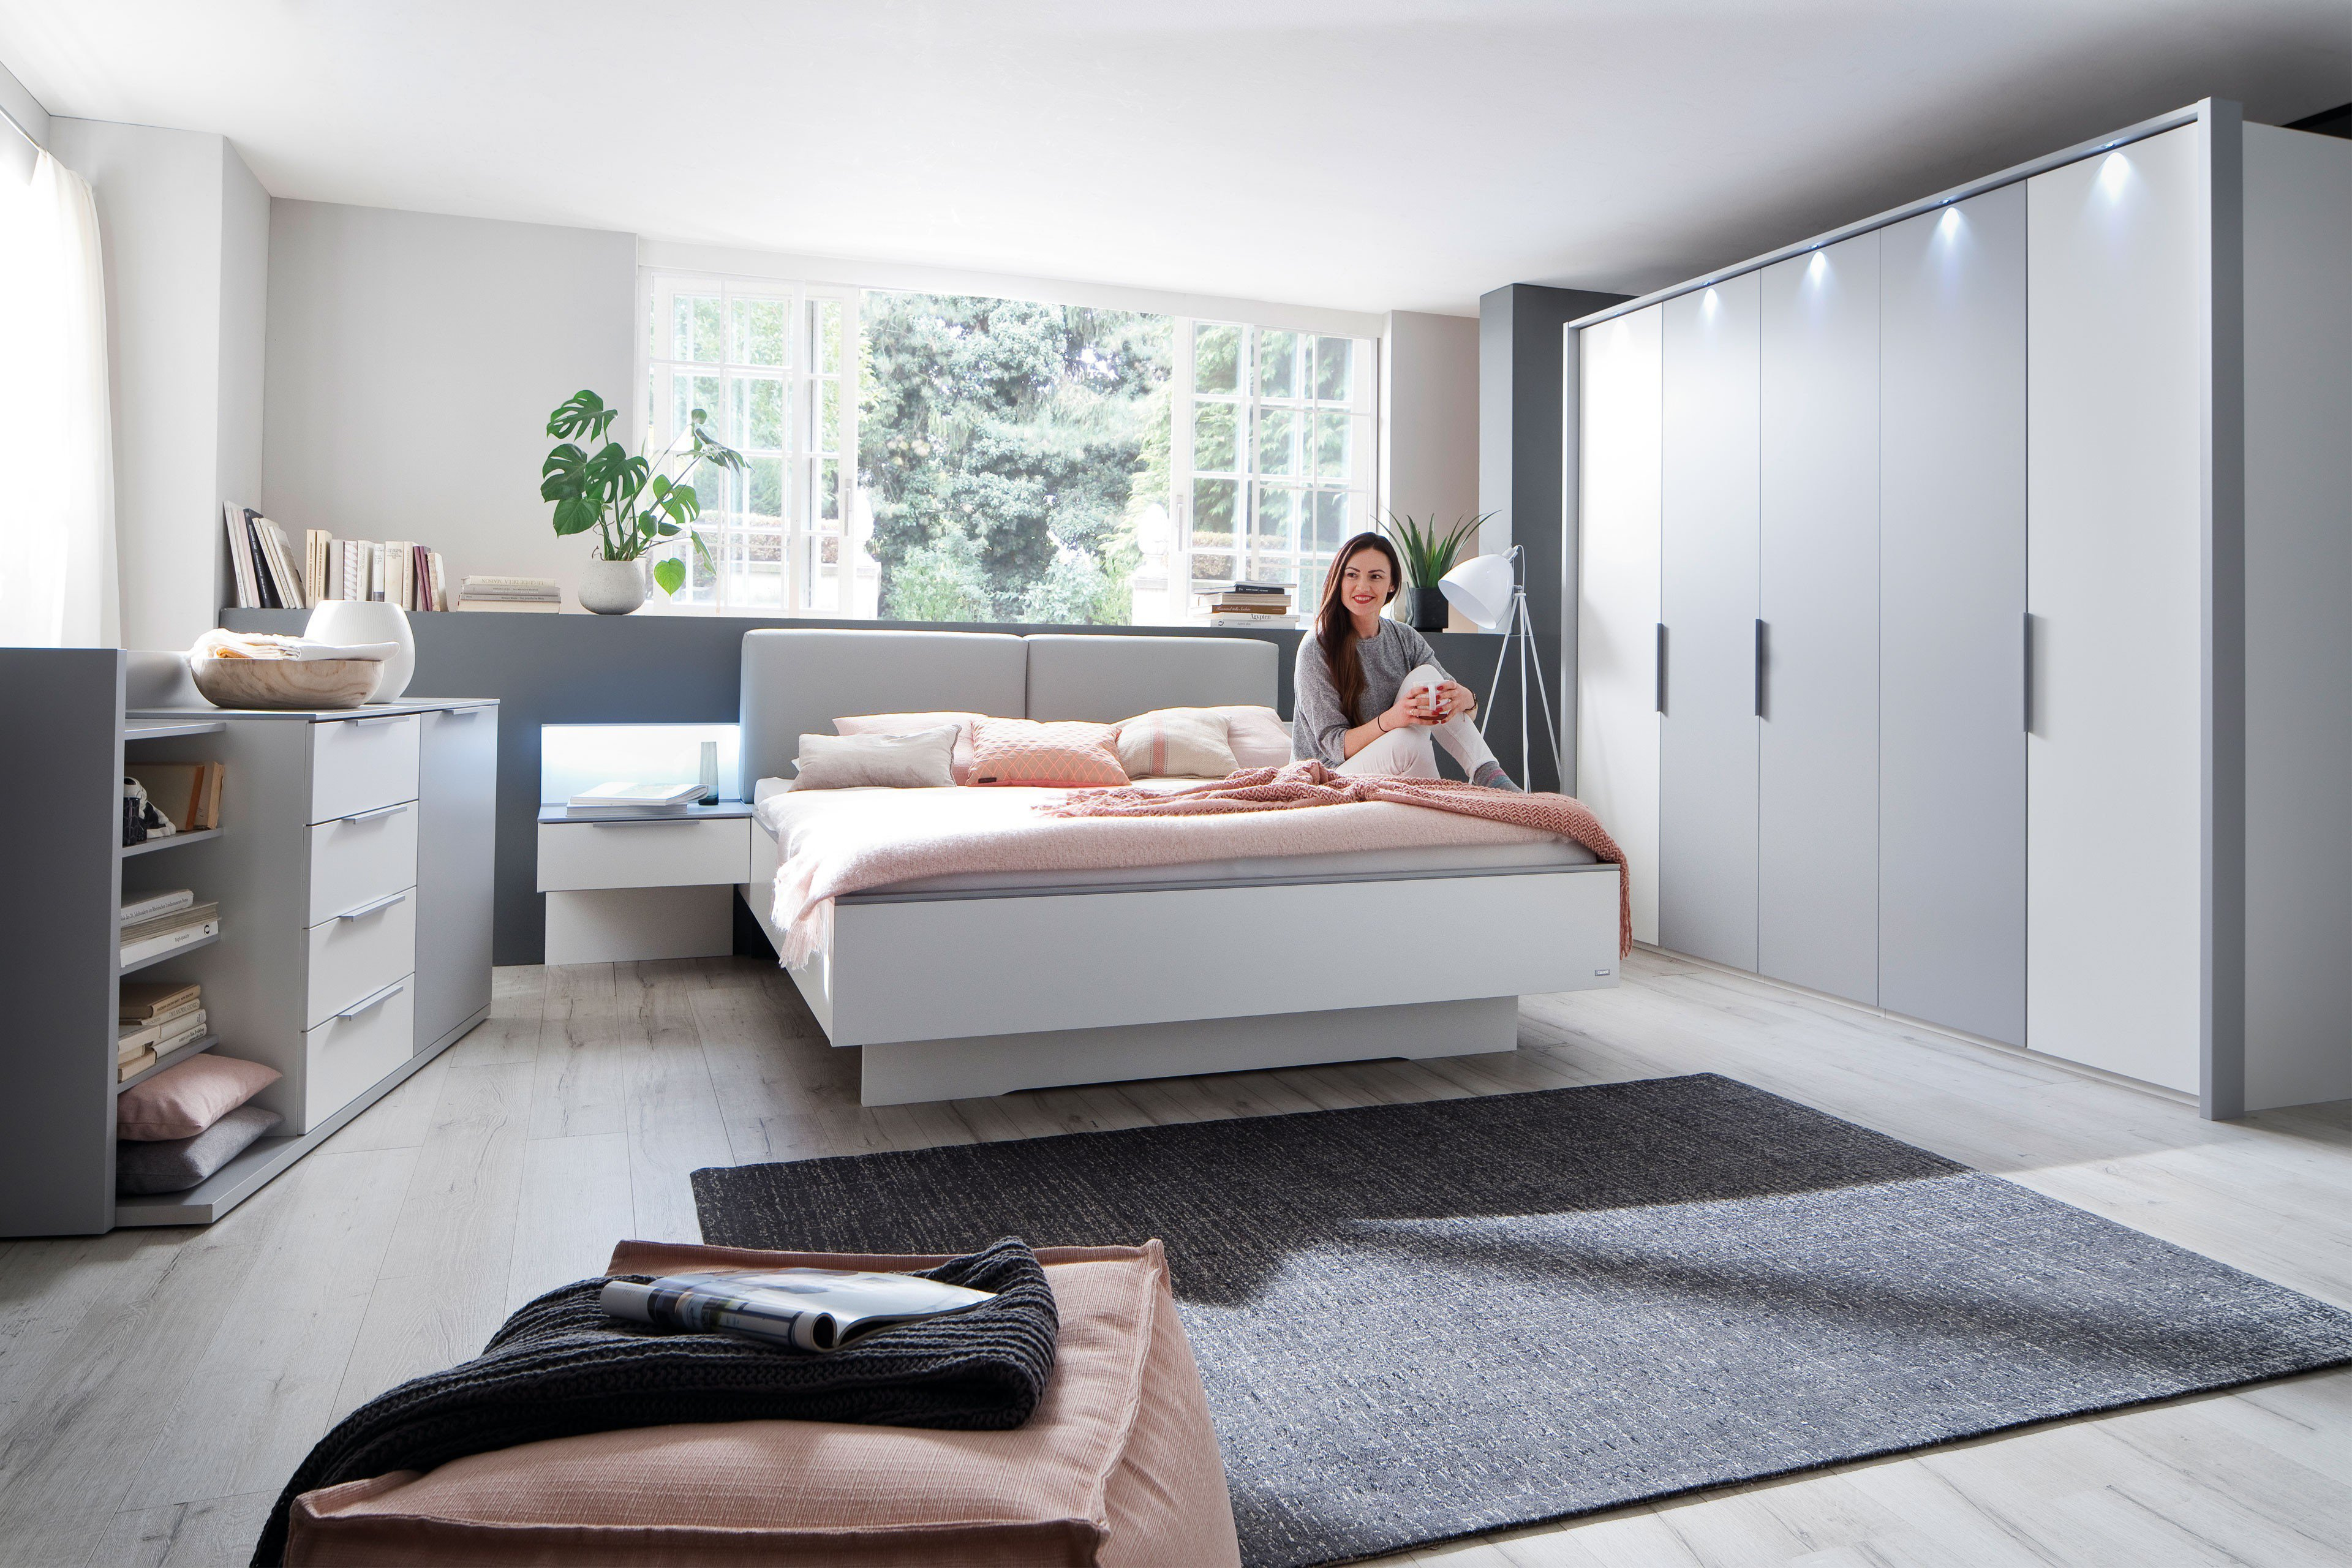 Colina Casada Schlafzimmer Set 4-teilig weiß - grau | Möbel Letz ...